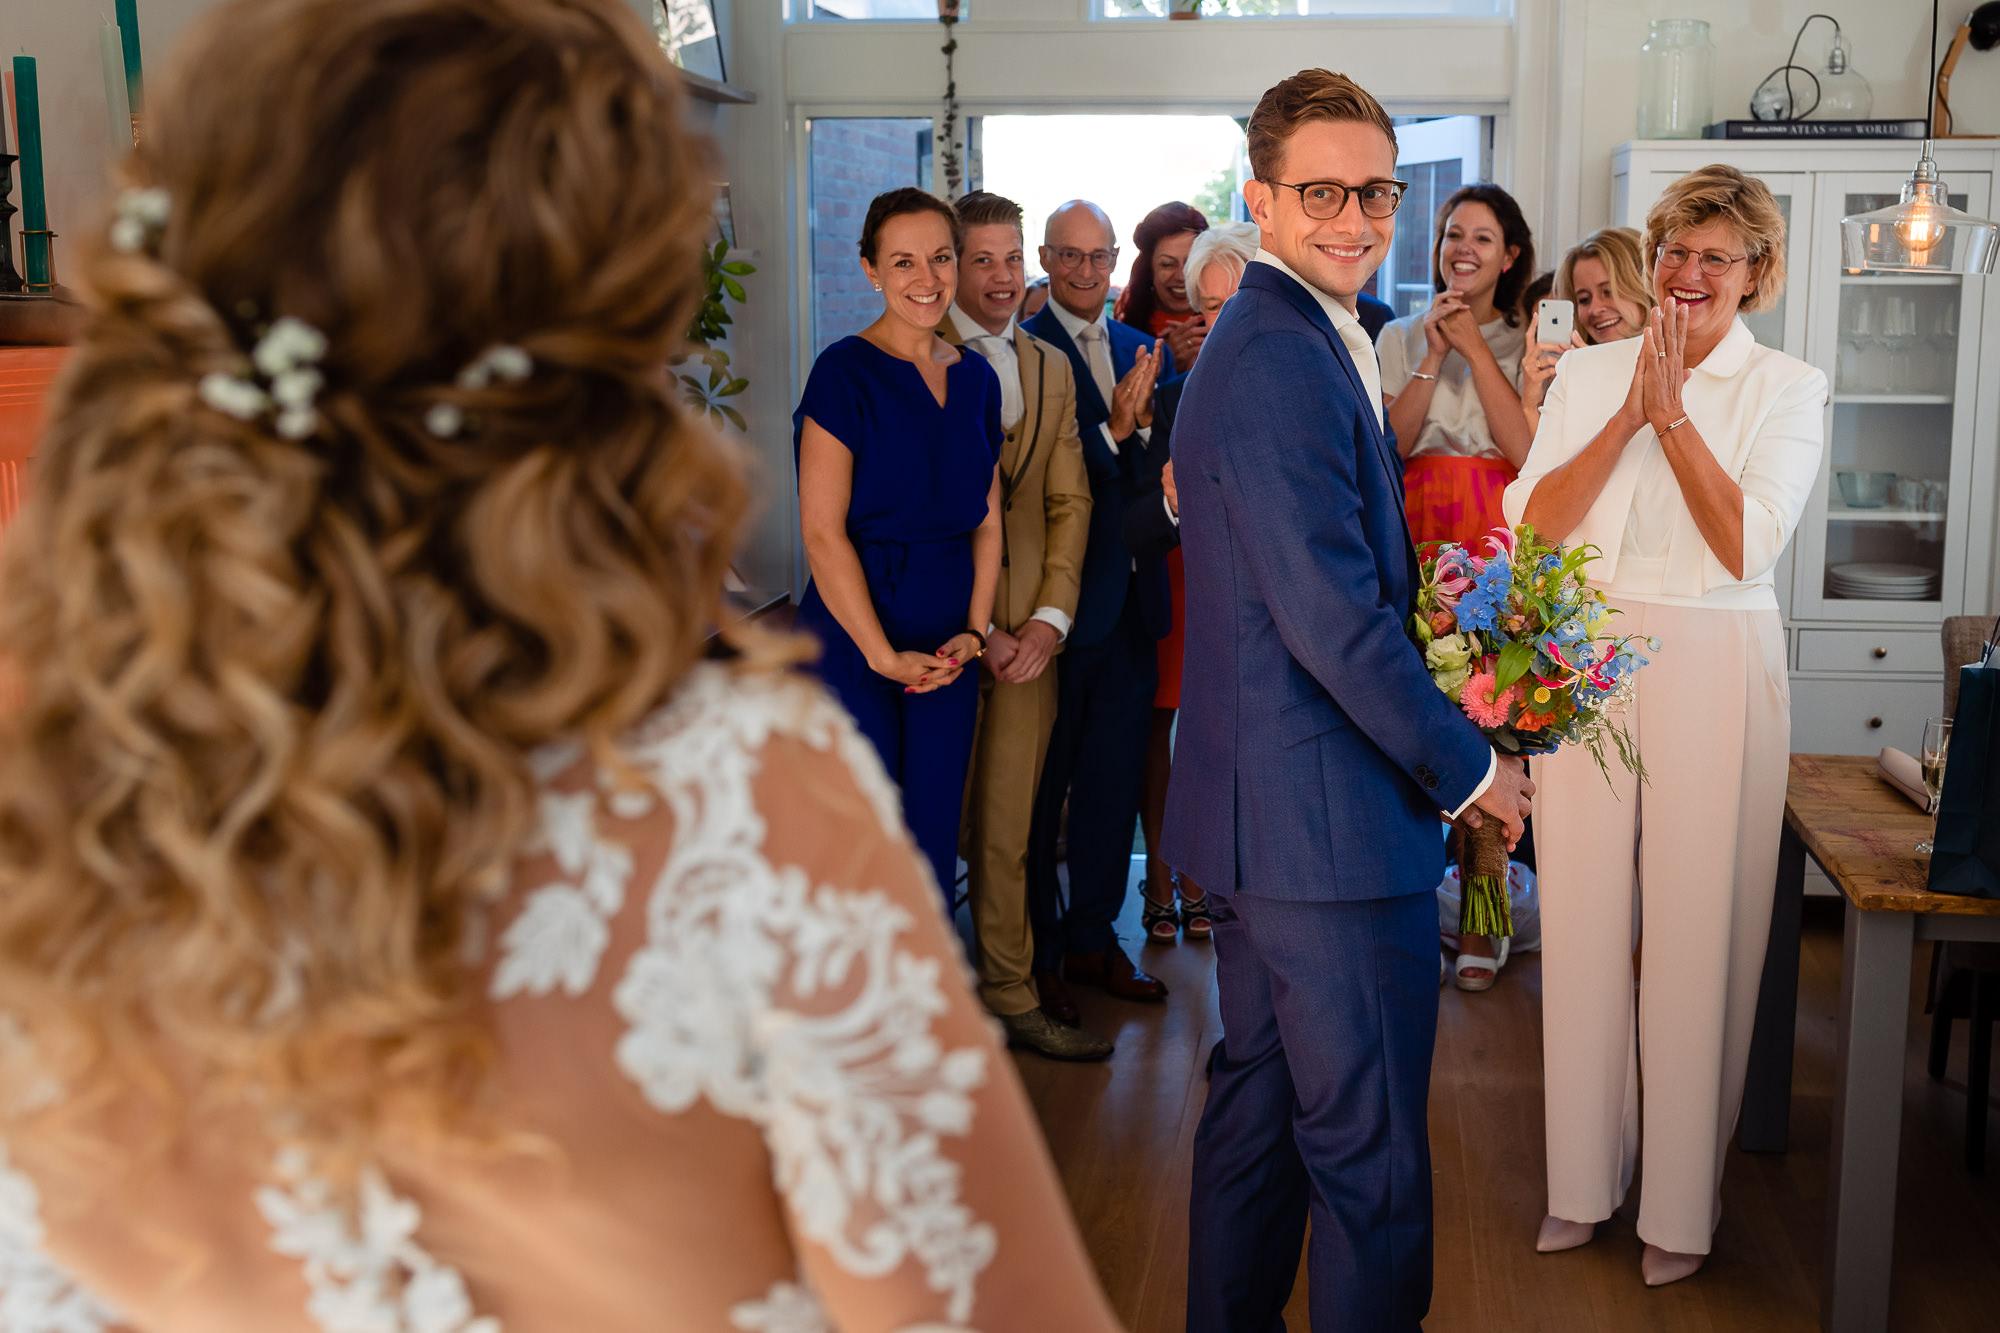 Eerste moment dat de bruidegom de bruid ziet